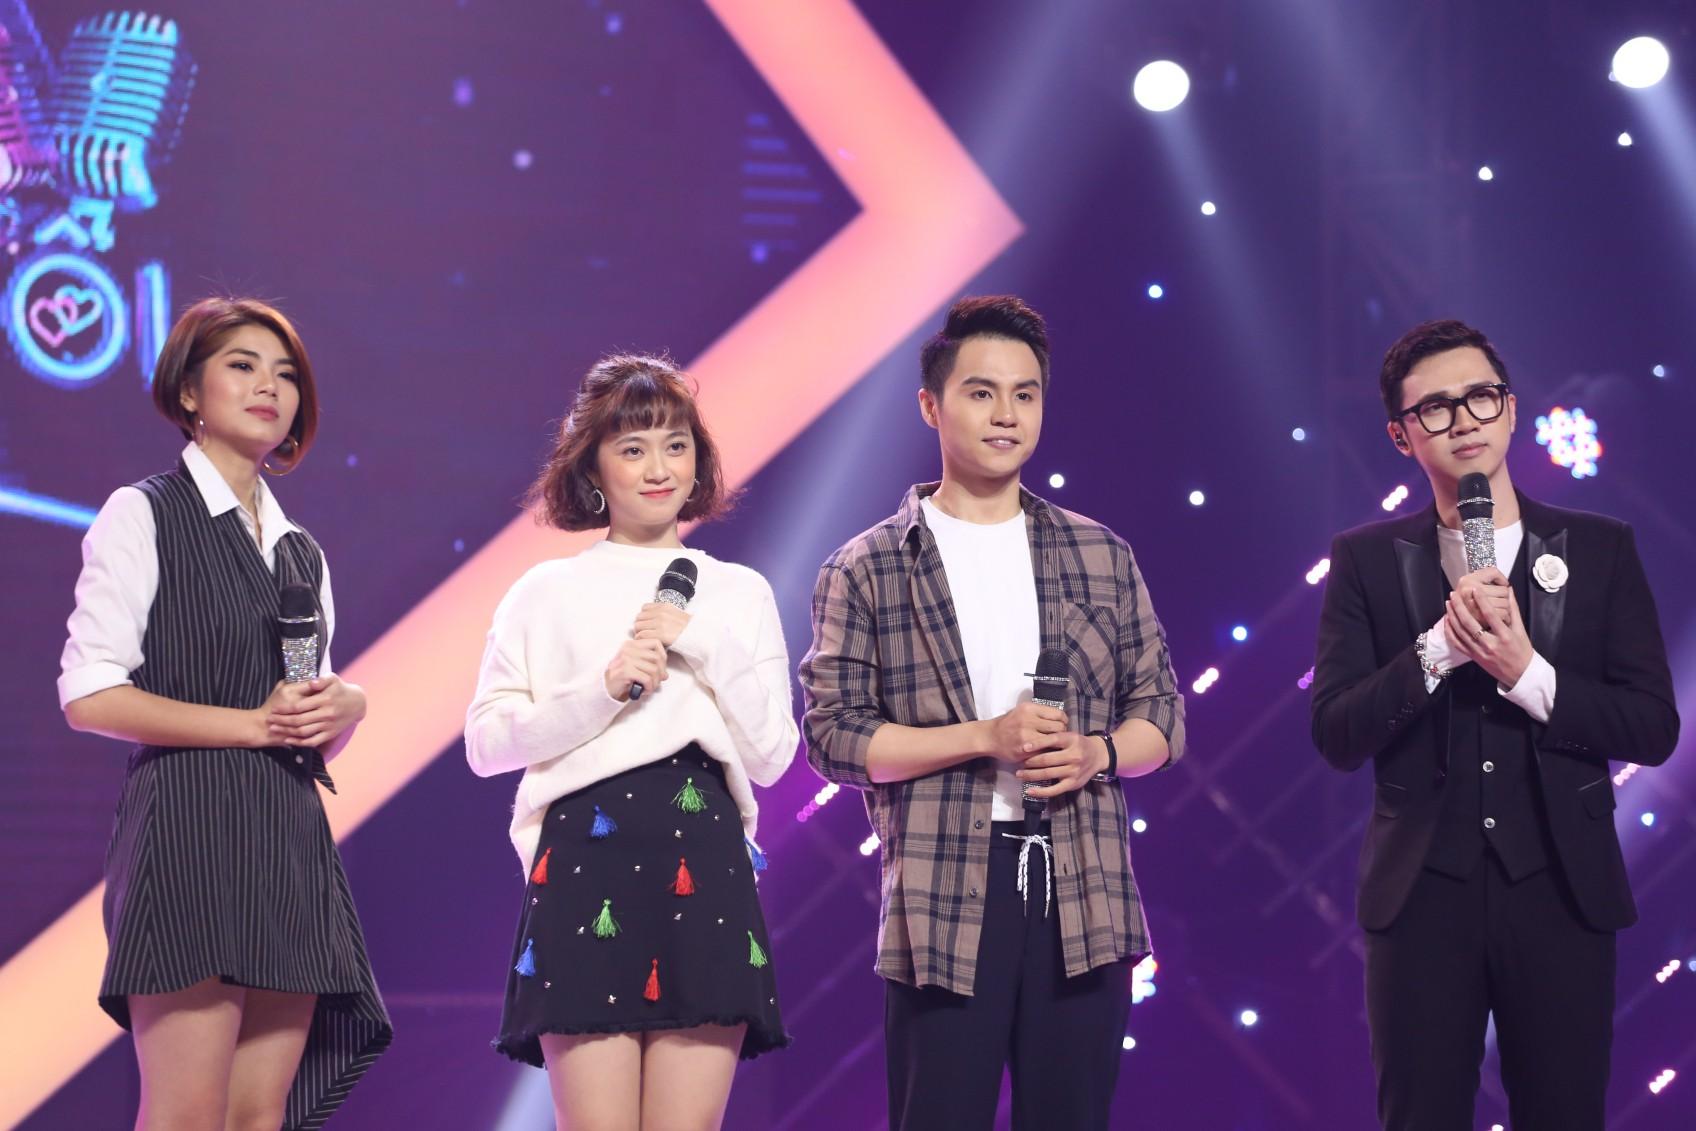 Sau chuyện tình 2 ngày với chàng trai Vì yêu mà đến, Trang Ly tiếp tục xuất hiện trong show hẹn hò mới - Ảnh 3.